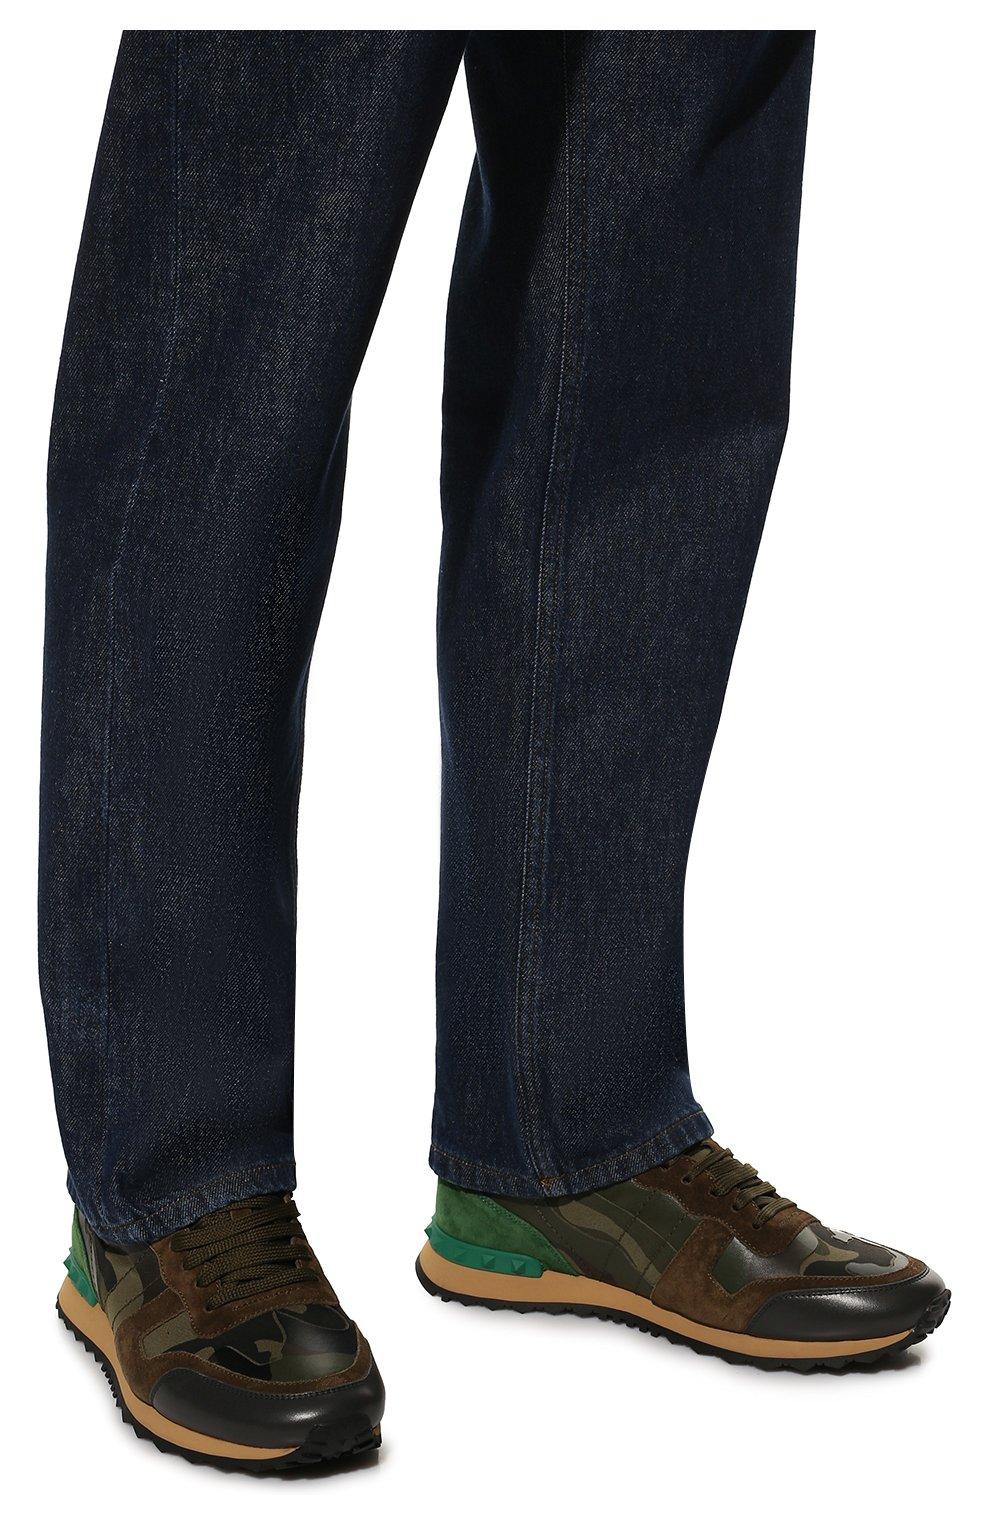 Комбинированные кроссовки Valentino Garavani Rockrunner на шнуровке   Фото  №3 0a7a4eae76c